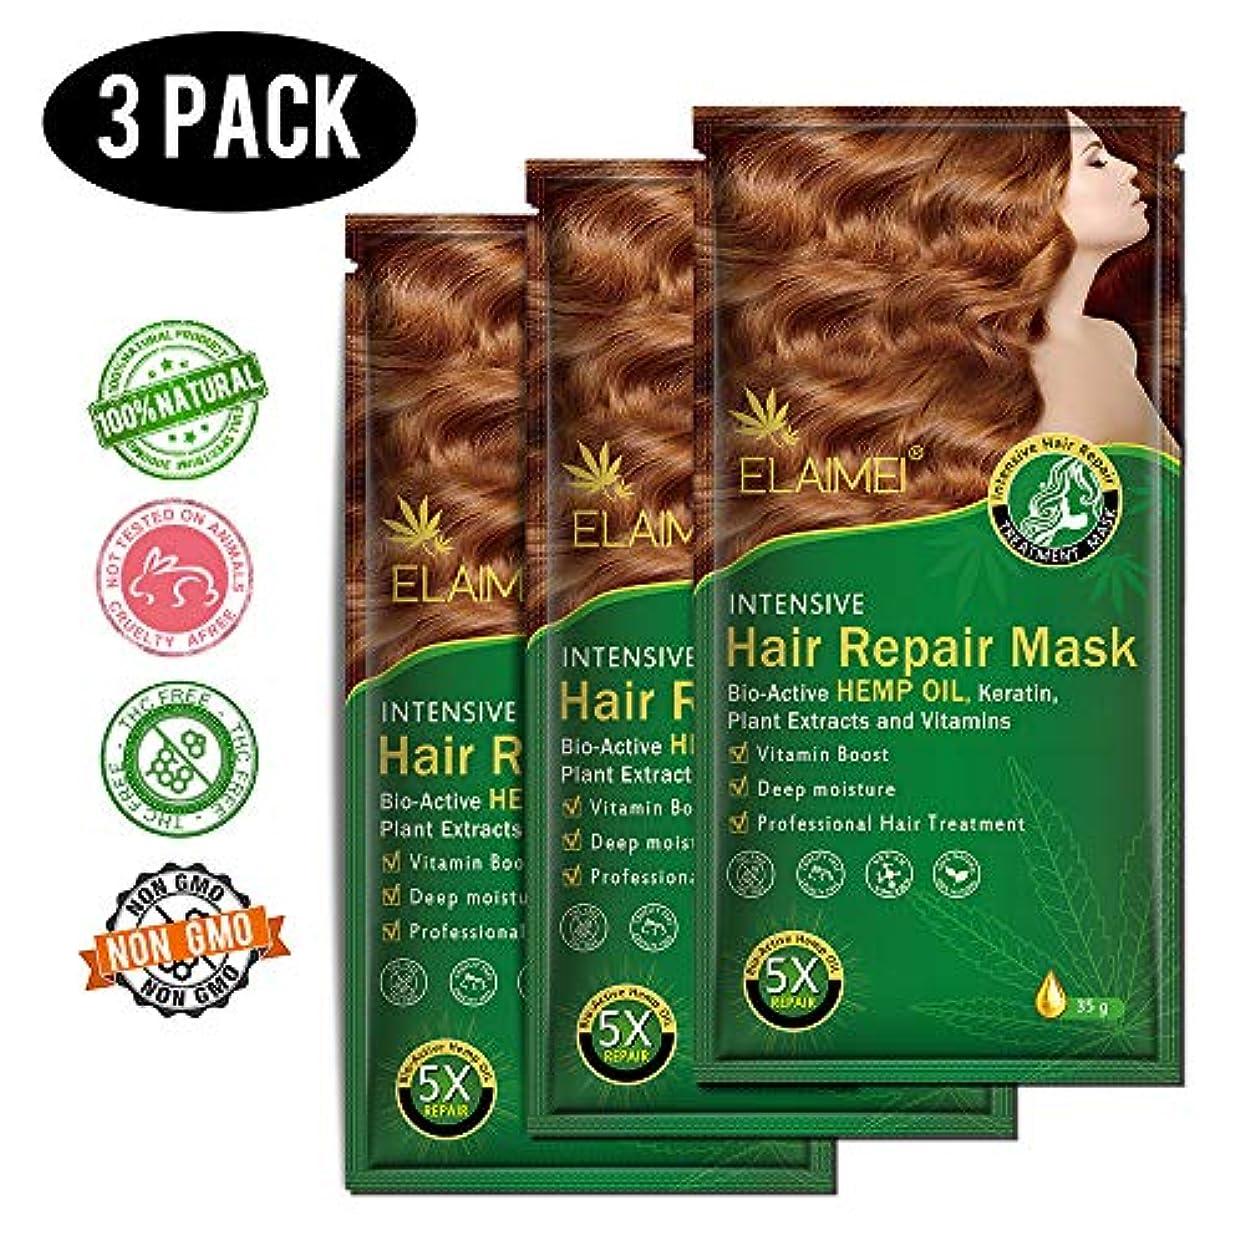 ましい相互強盗ごま油 ヘアマスク 自動加熱角タンパク質トリートメント熱性角タンパク質は、様々な種類の髪と頭皮の治療に使用されます。